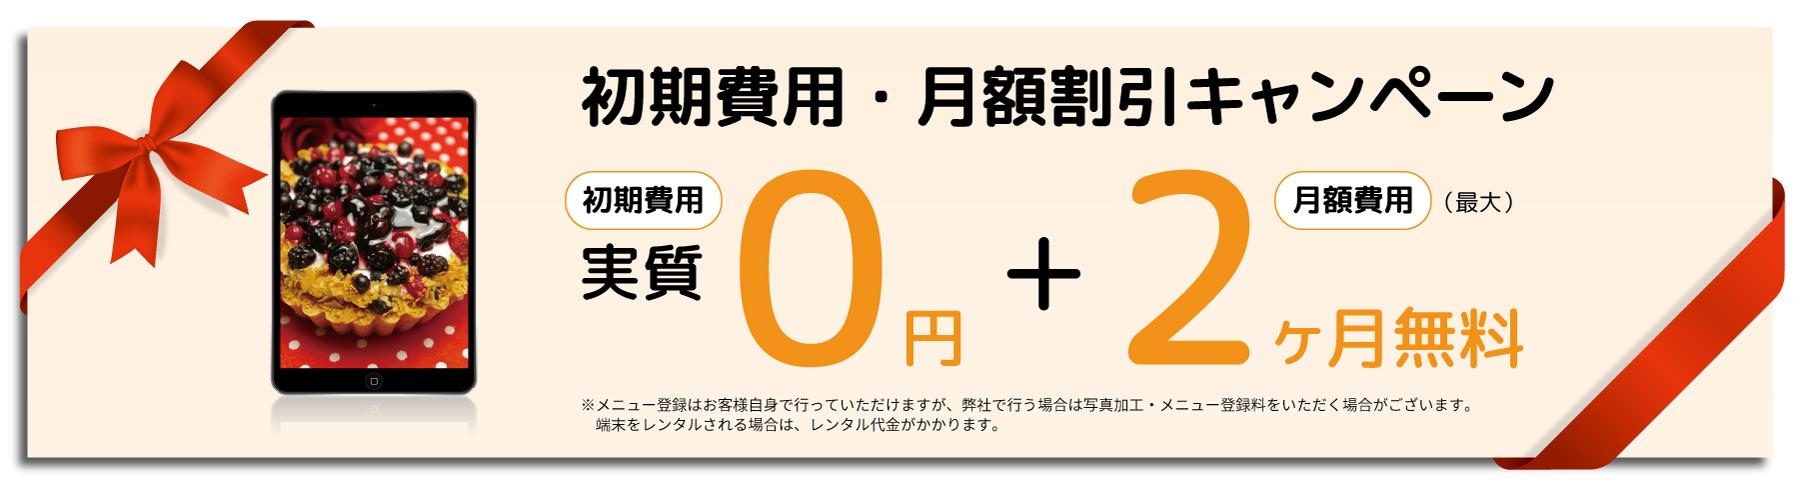 初期費用・月額割引キャンペーン